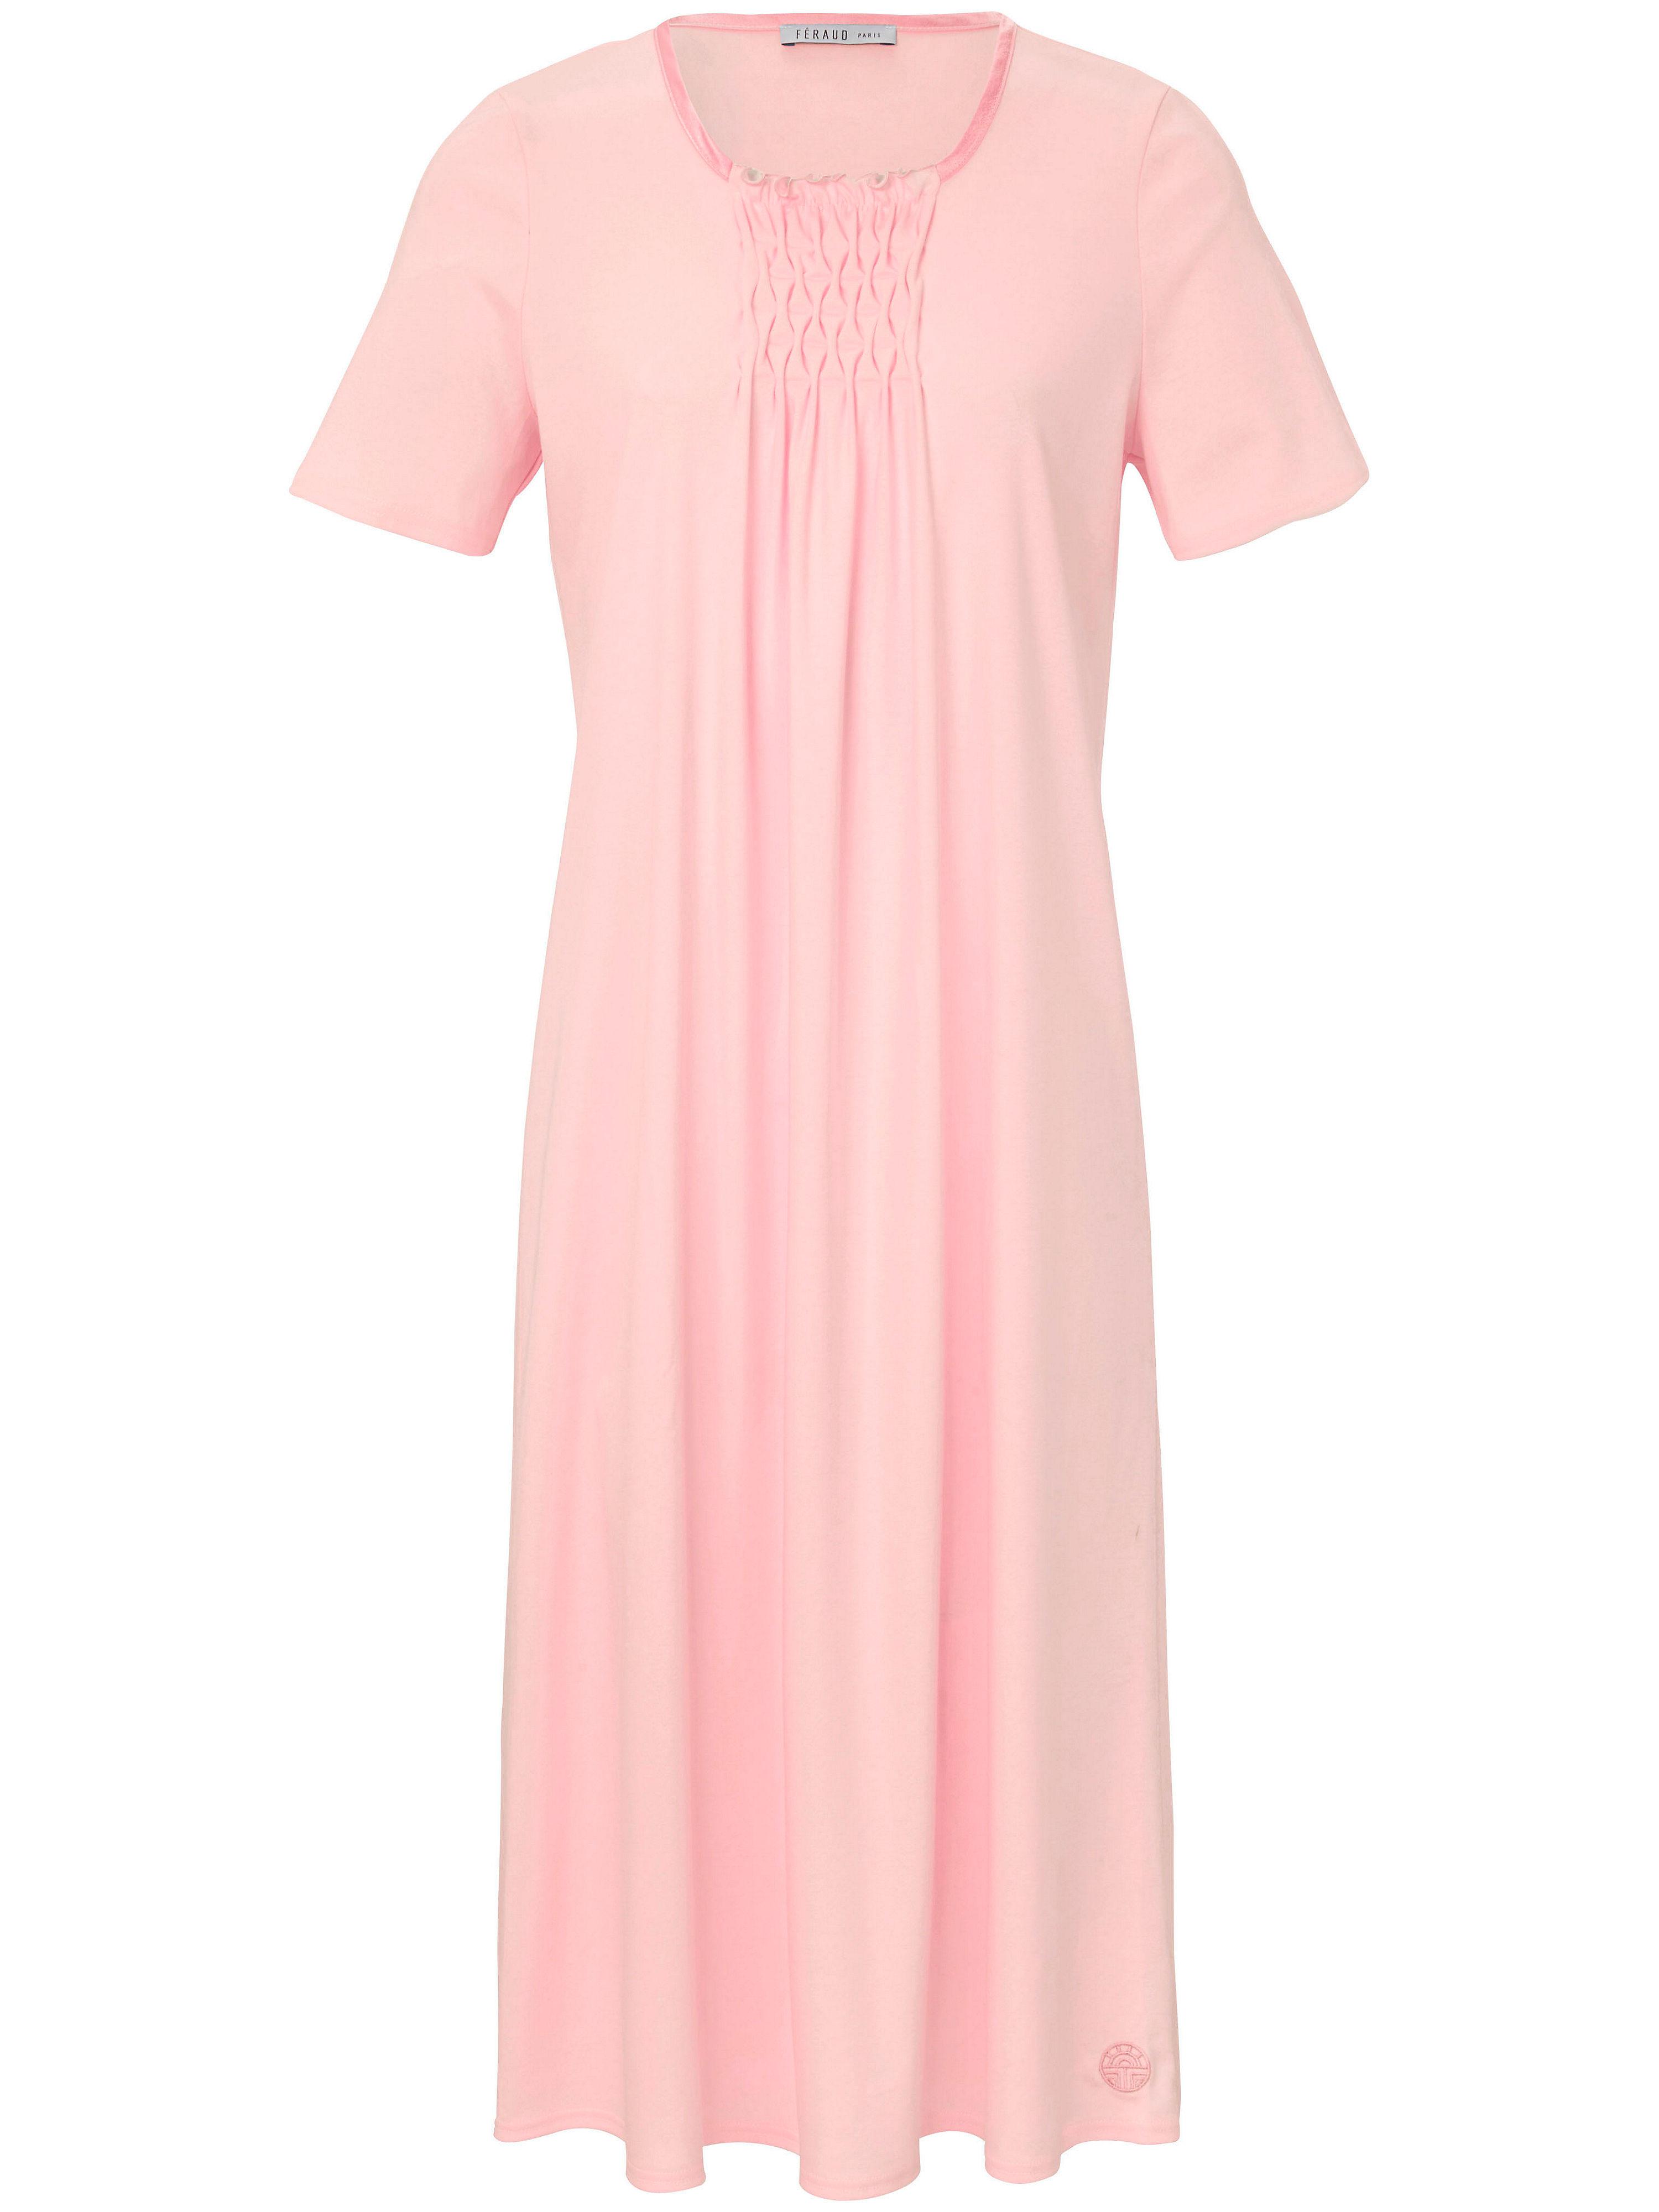 La chemise nuit pur coton, manches courtes  Féraud rose taille 40